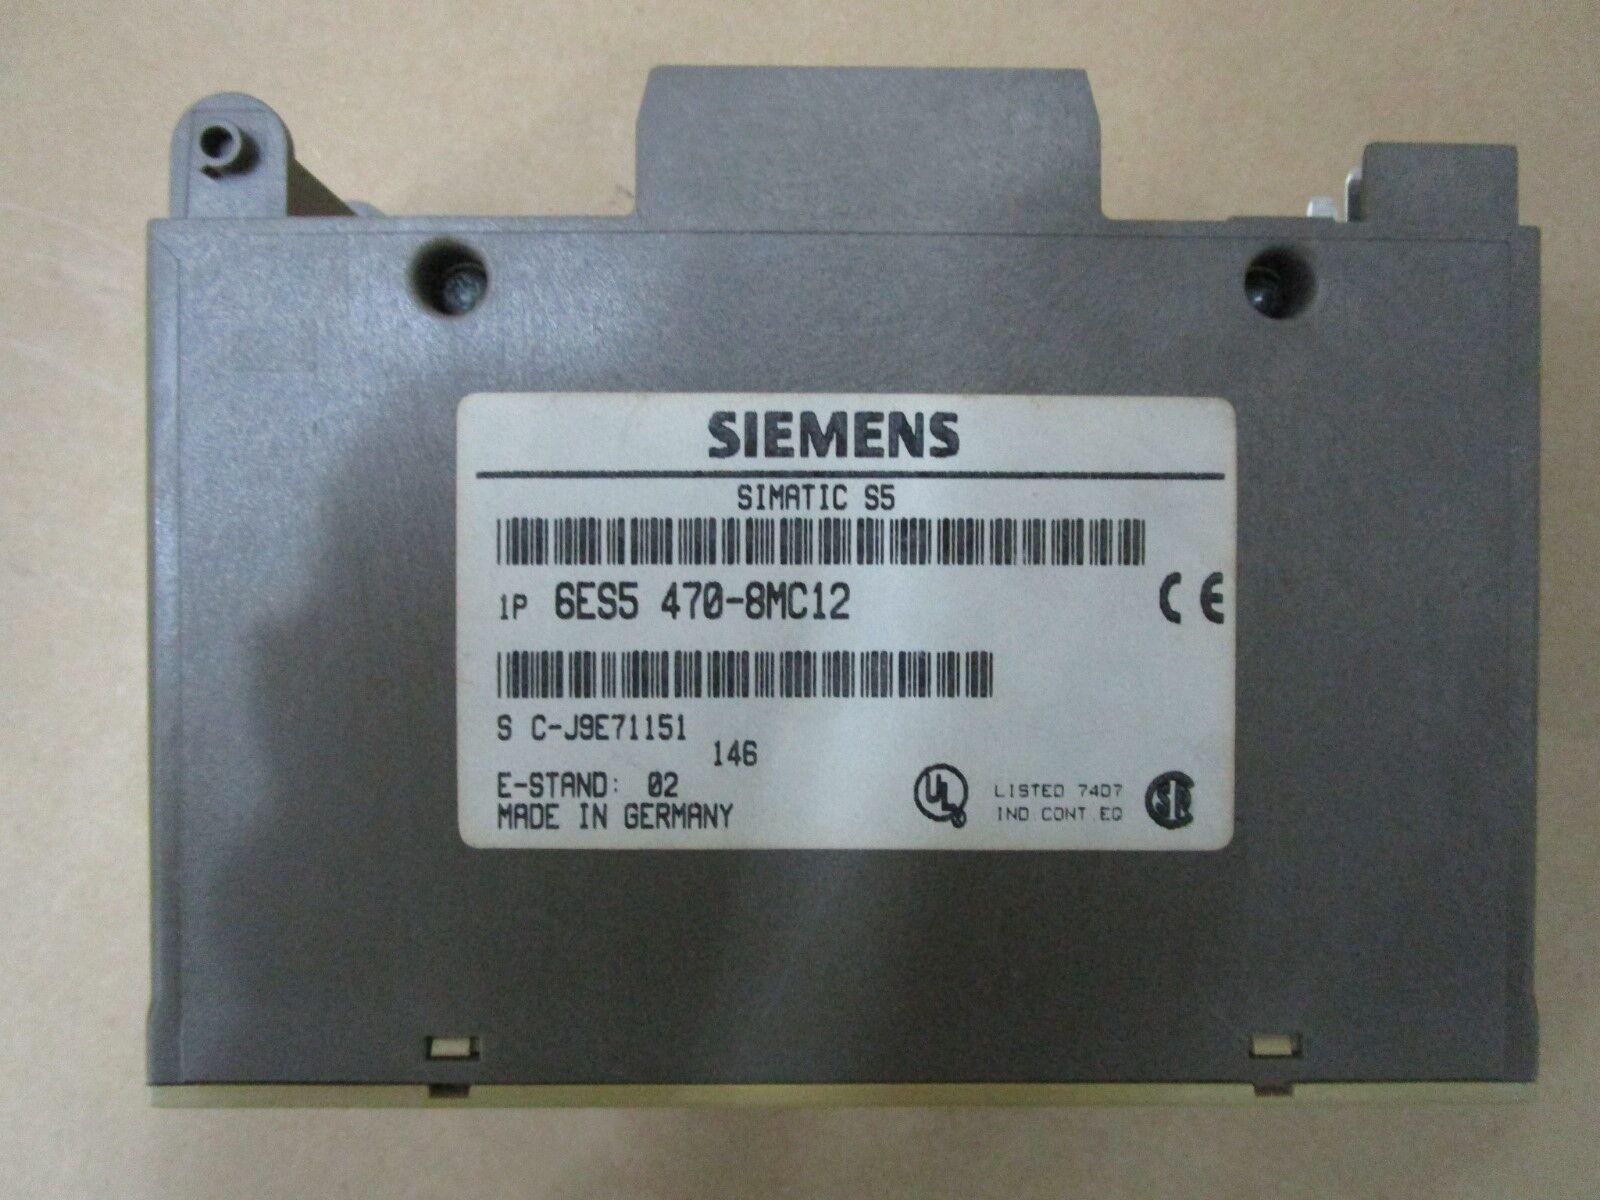 Siemens 6ES5 470-8MC12 S5 6ES5470-8MC12